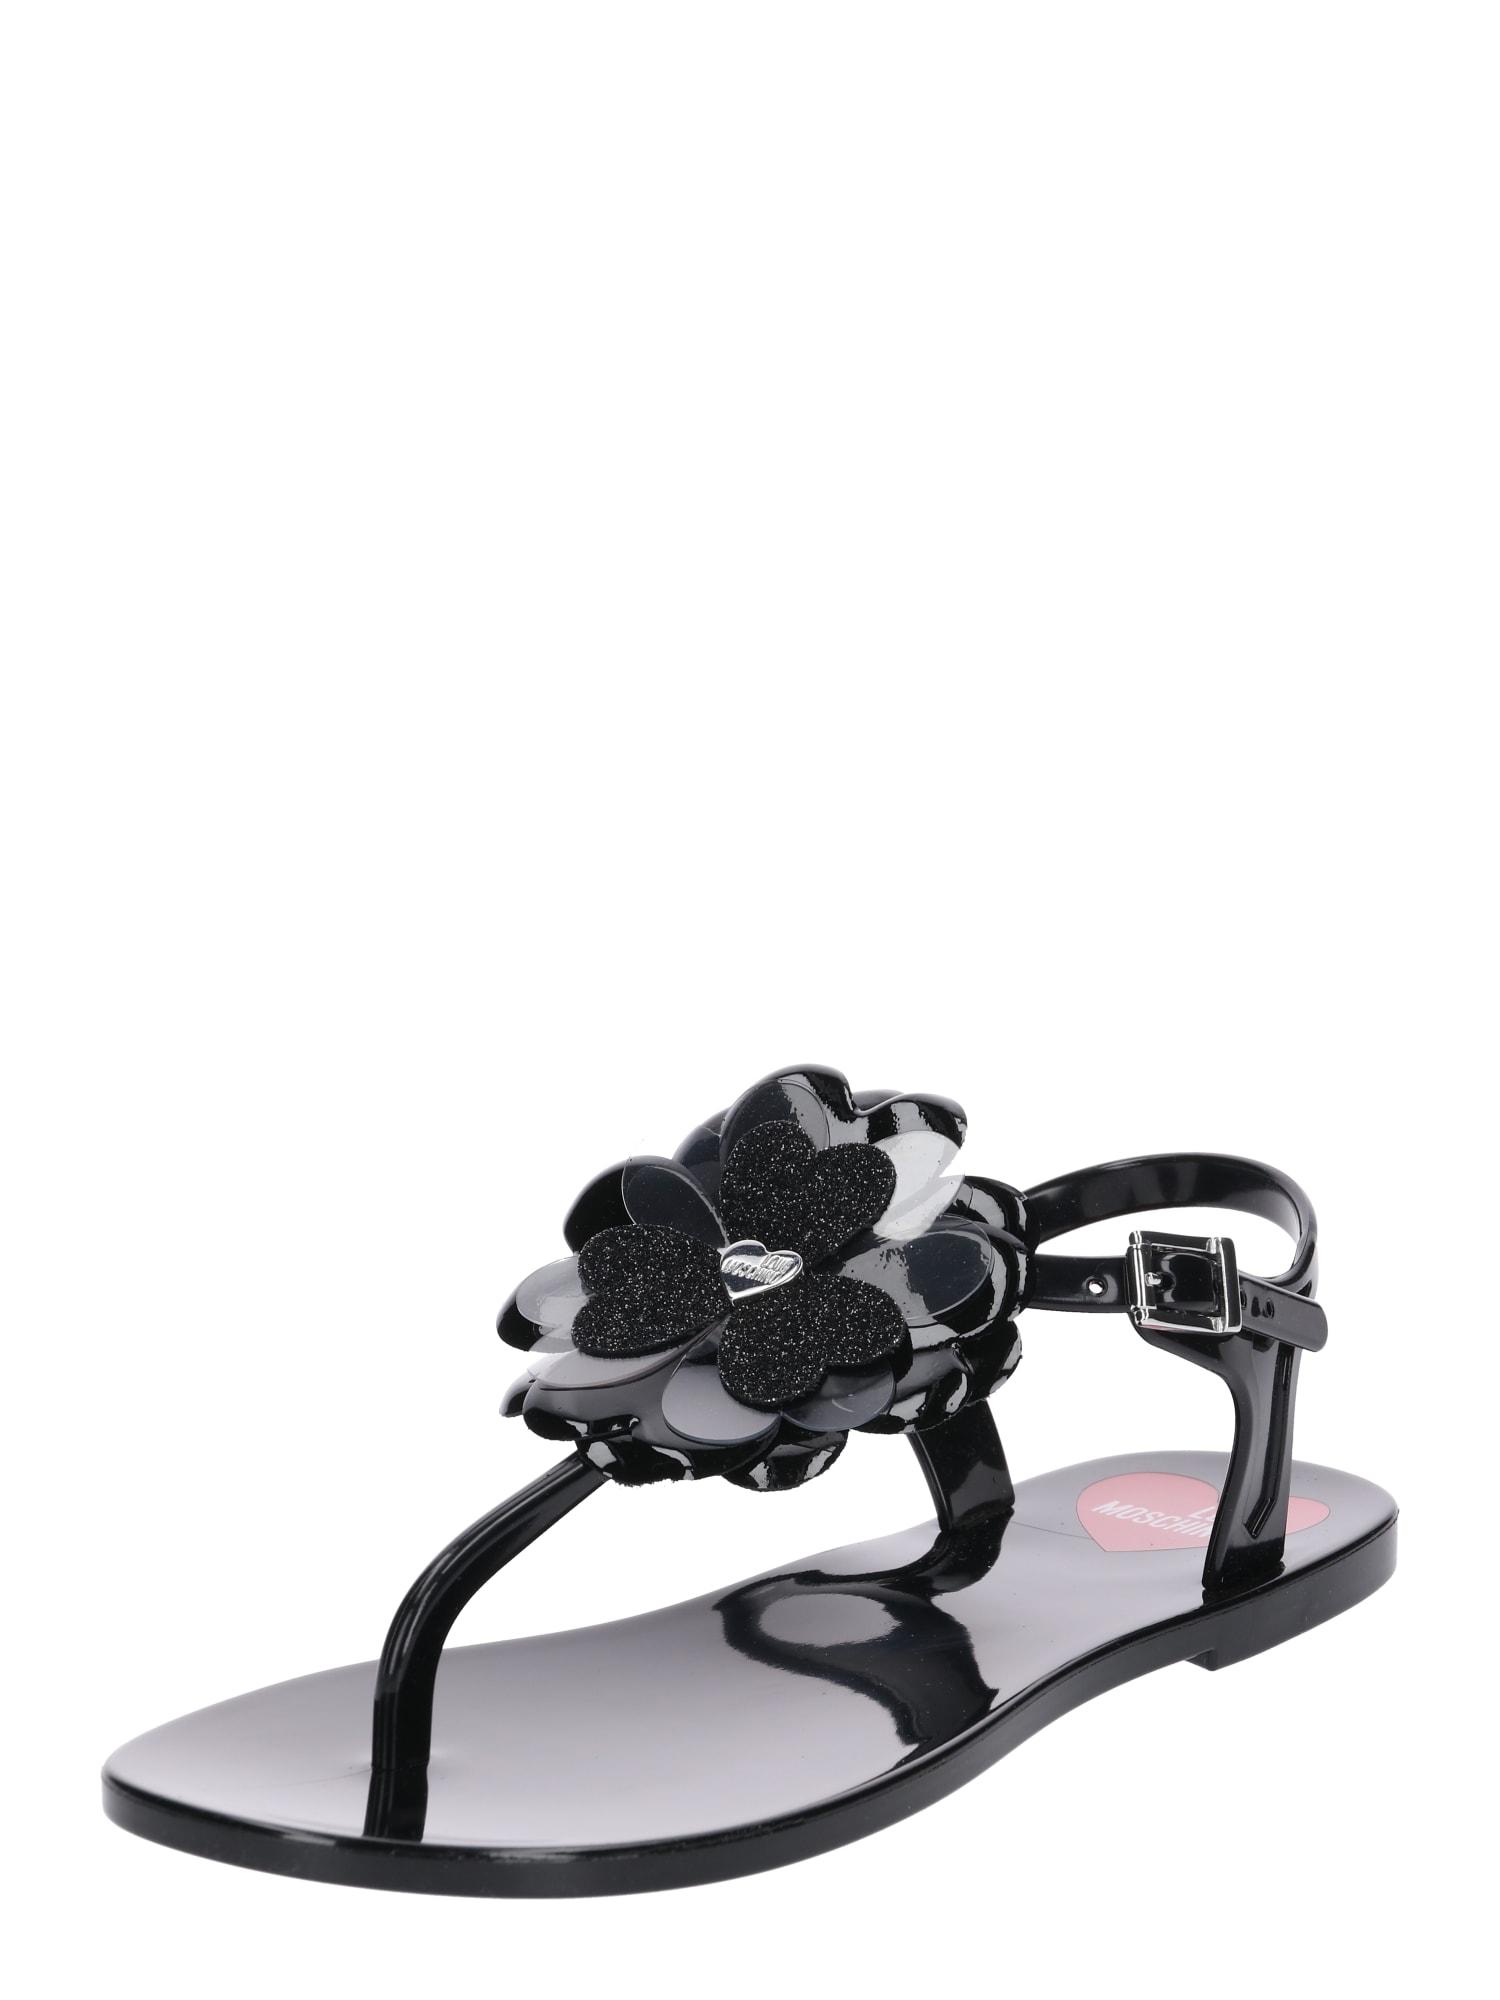 Sandály JA16011G17 černá Love Moschino